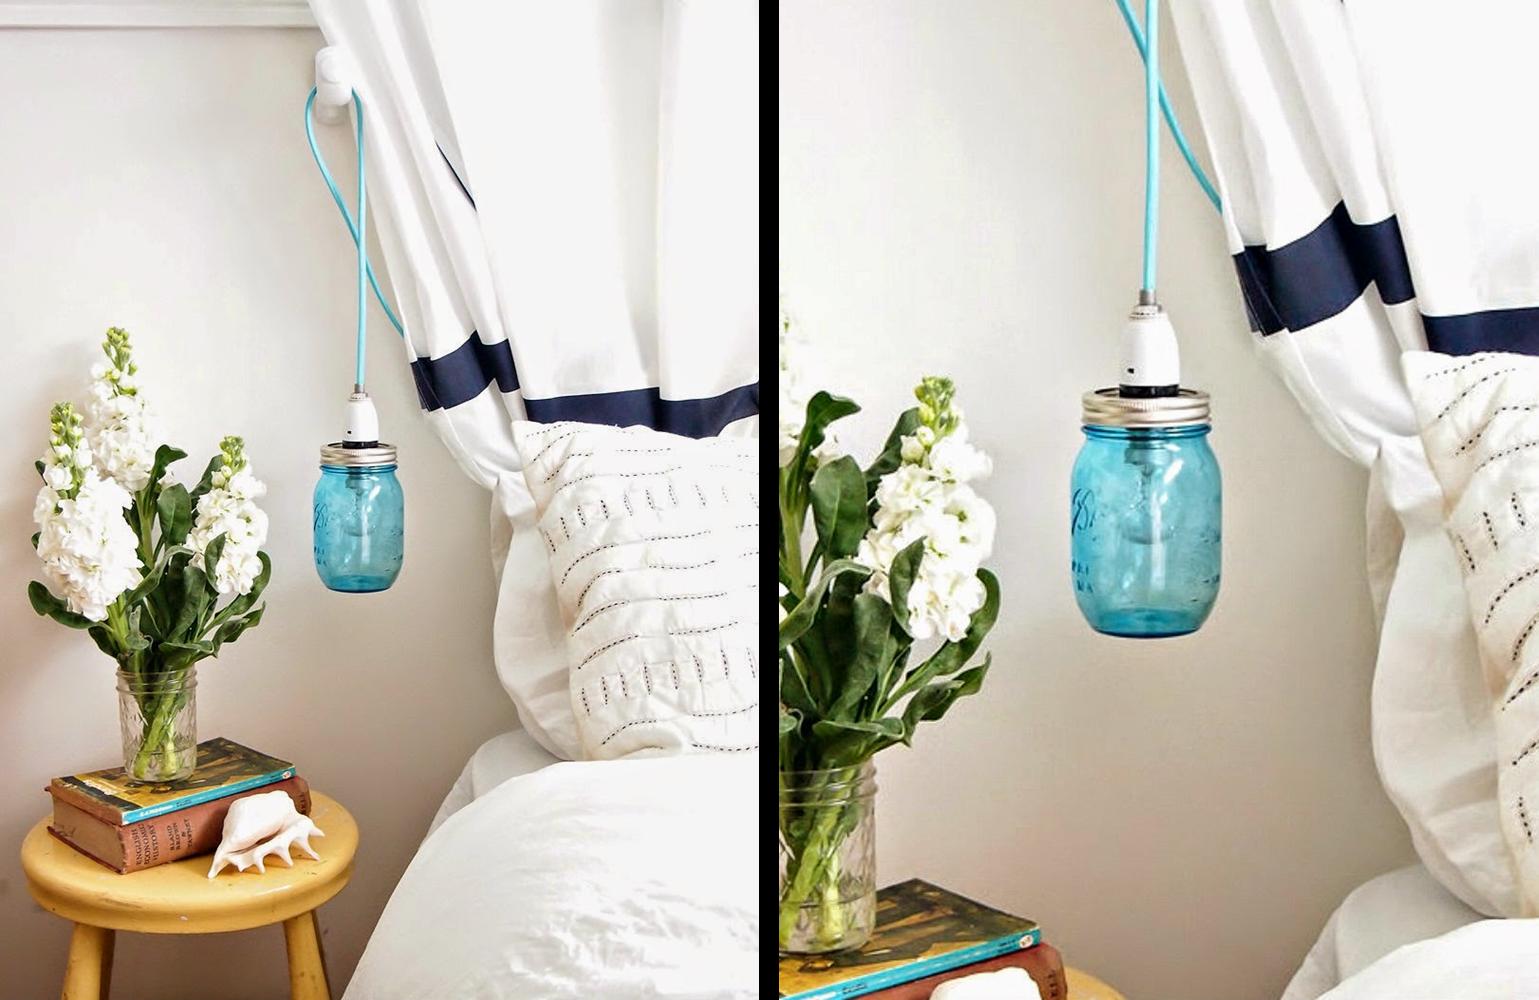 Decoraci n f cil diy lampara vintage con un tarro de - Decoracion vintage reciclado ...